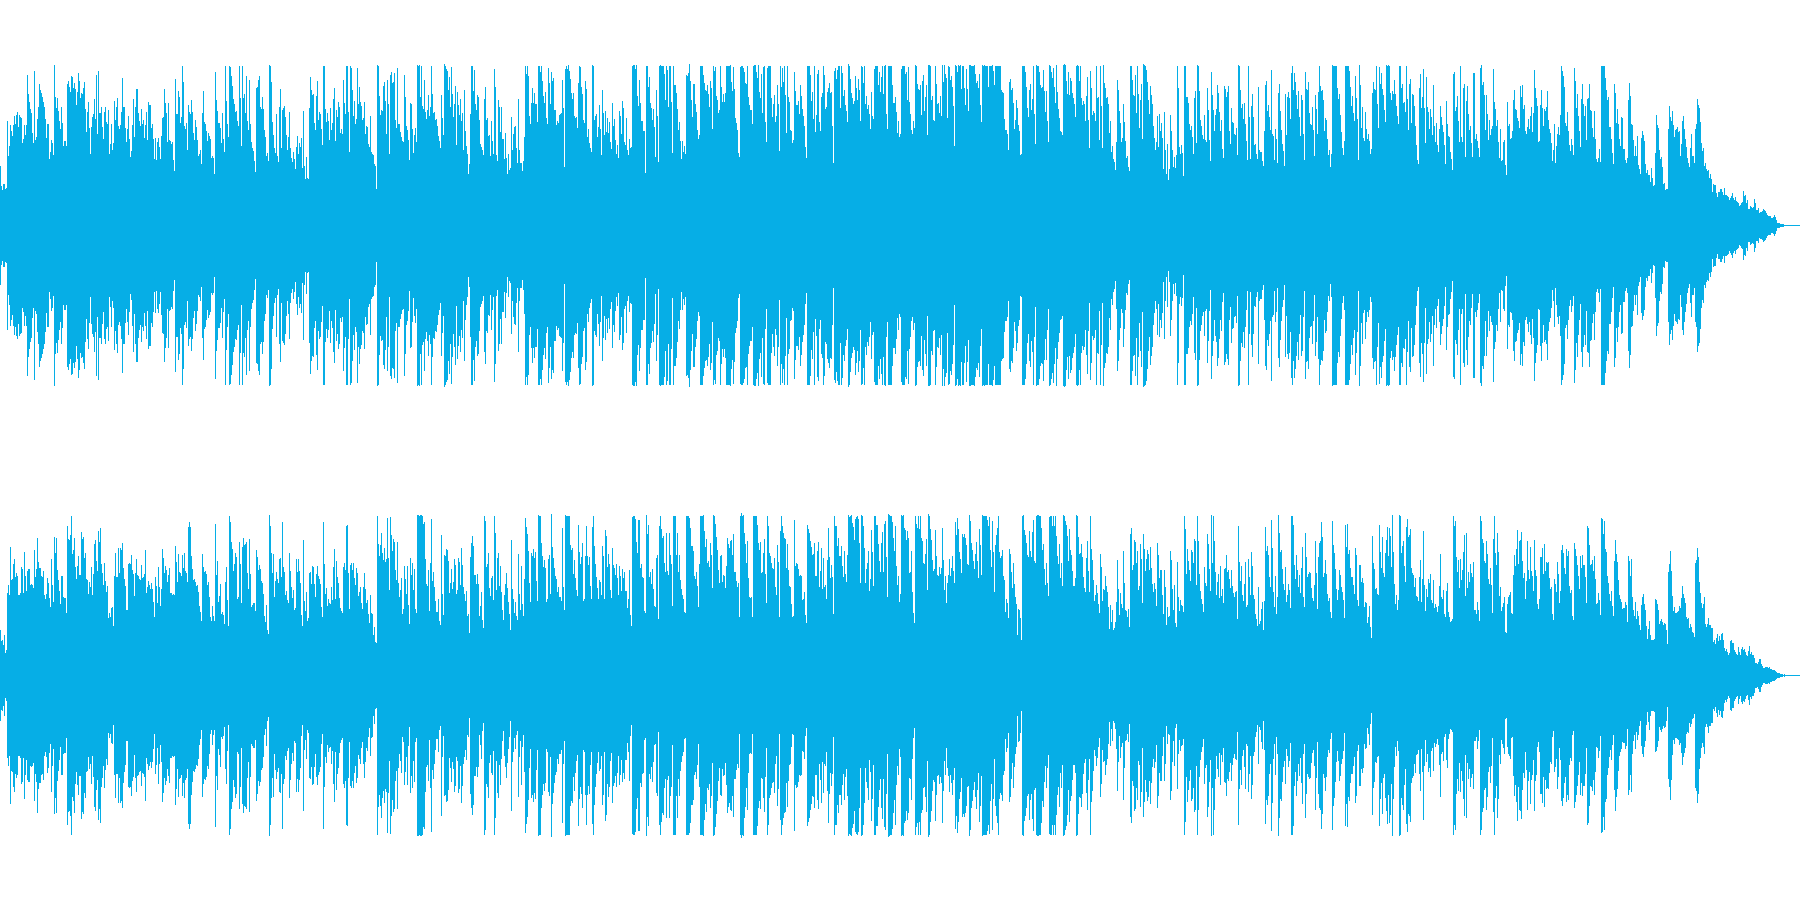 美しいピアノのヒーリングの再生済みの波形